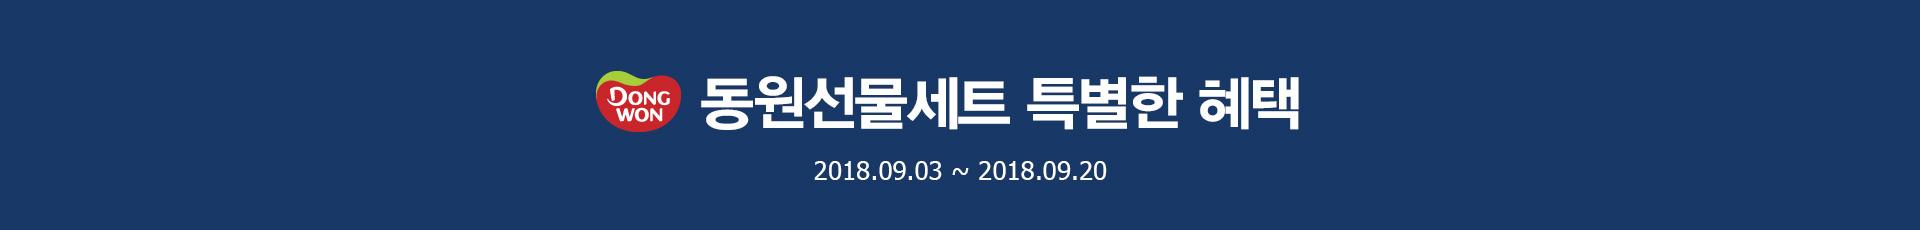 동원선물세트 특별한 혜택 2018.01.15~2018.01.28